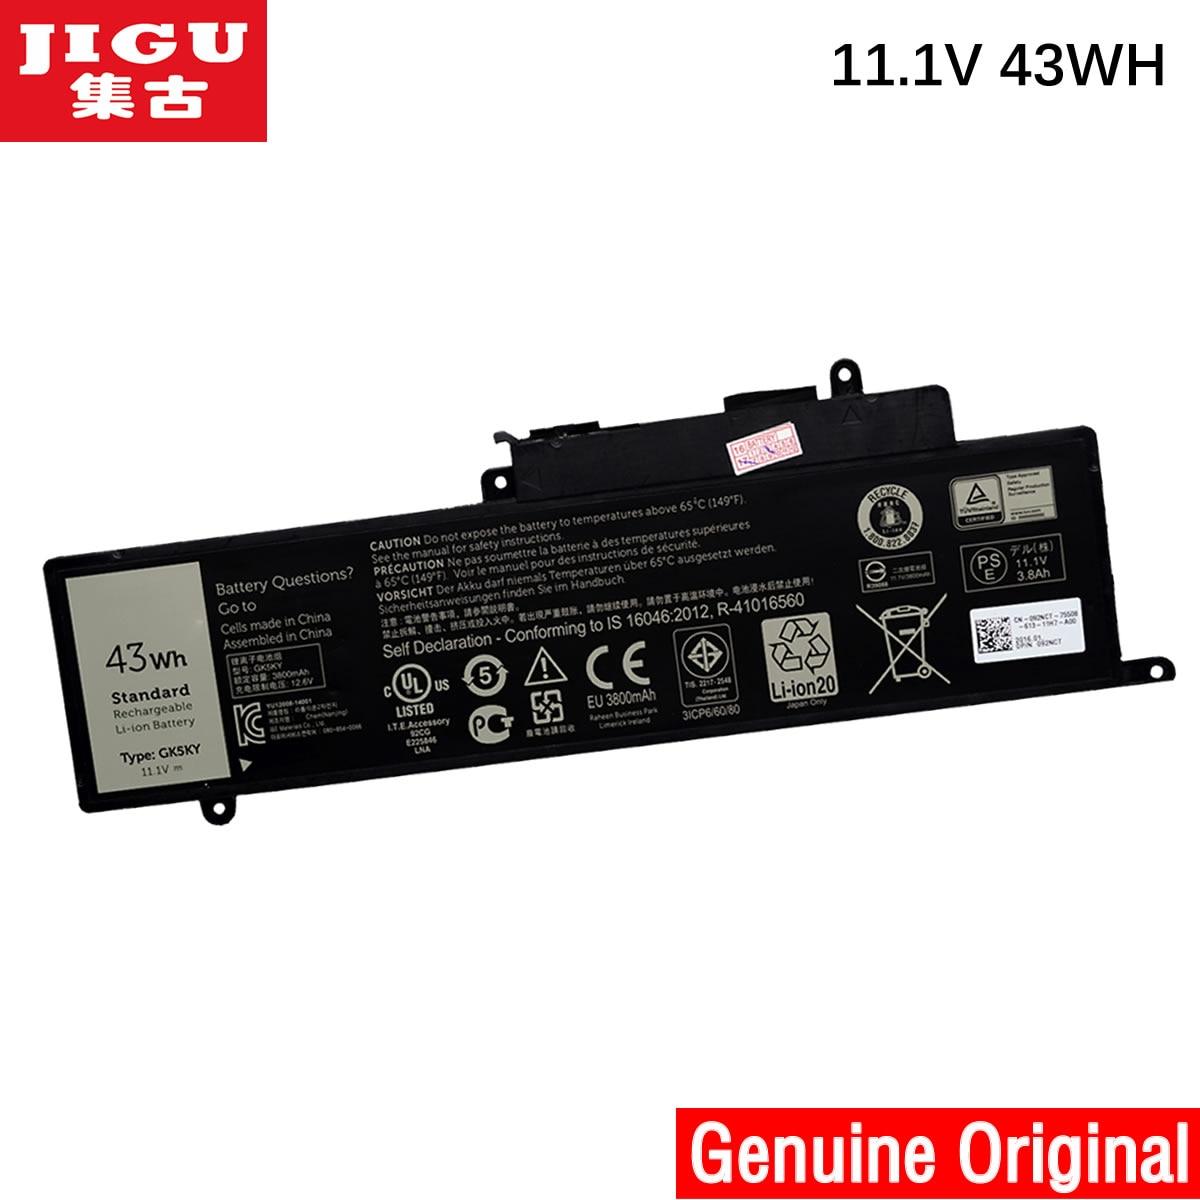 JIGU 100% New Genuine Original GK5YK Battery For DELL Inspiron 13 7347 Series Laptop Type GK5KY 04K8YH 11.1V 43WH